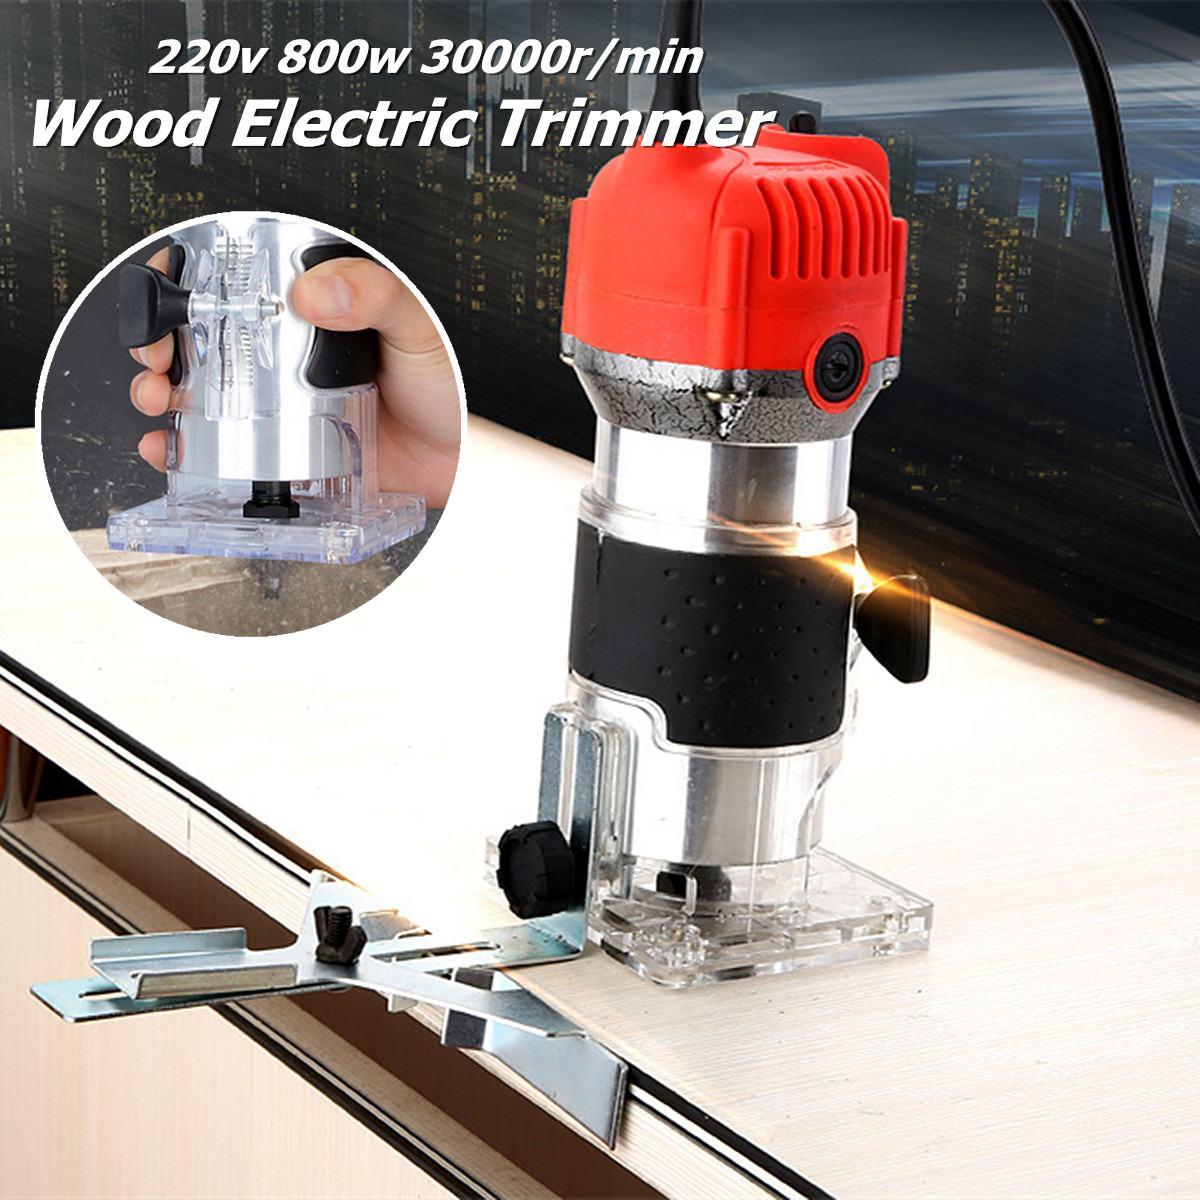 """220 V 800 W 1/4 """"30000r/min Corded Elektrische Hand Trimmer Holz Laminator Router Pvc-h-streifen Schreiner Werkzeuge Für Diy Holz/schrank Verarbeitung Mild And Mellow"""